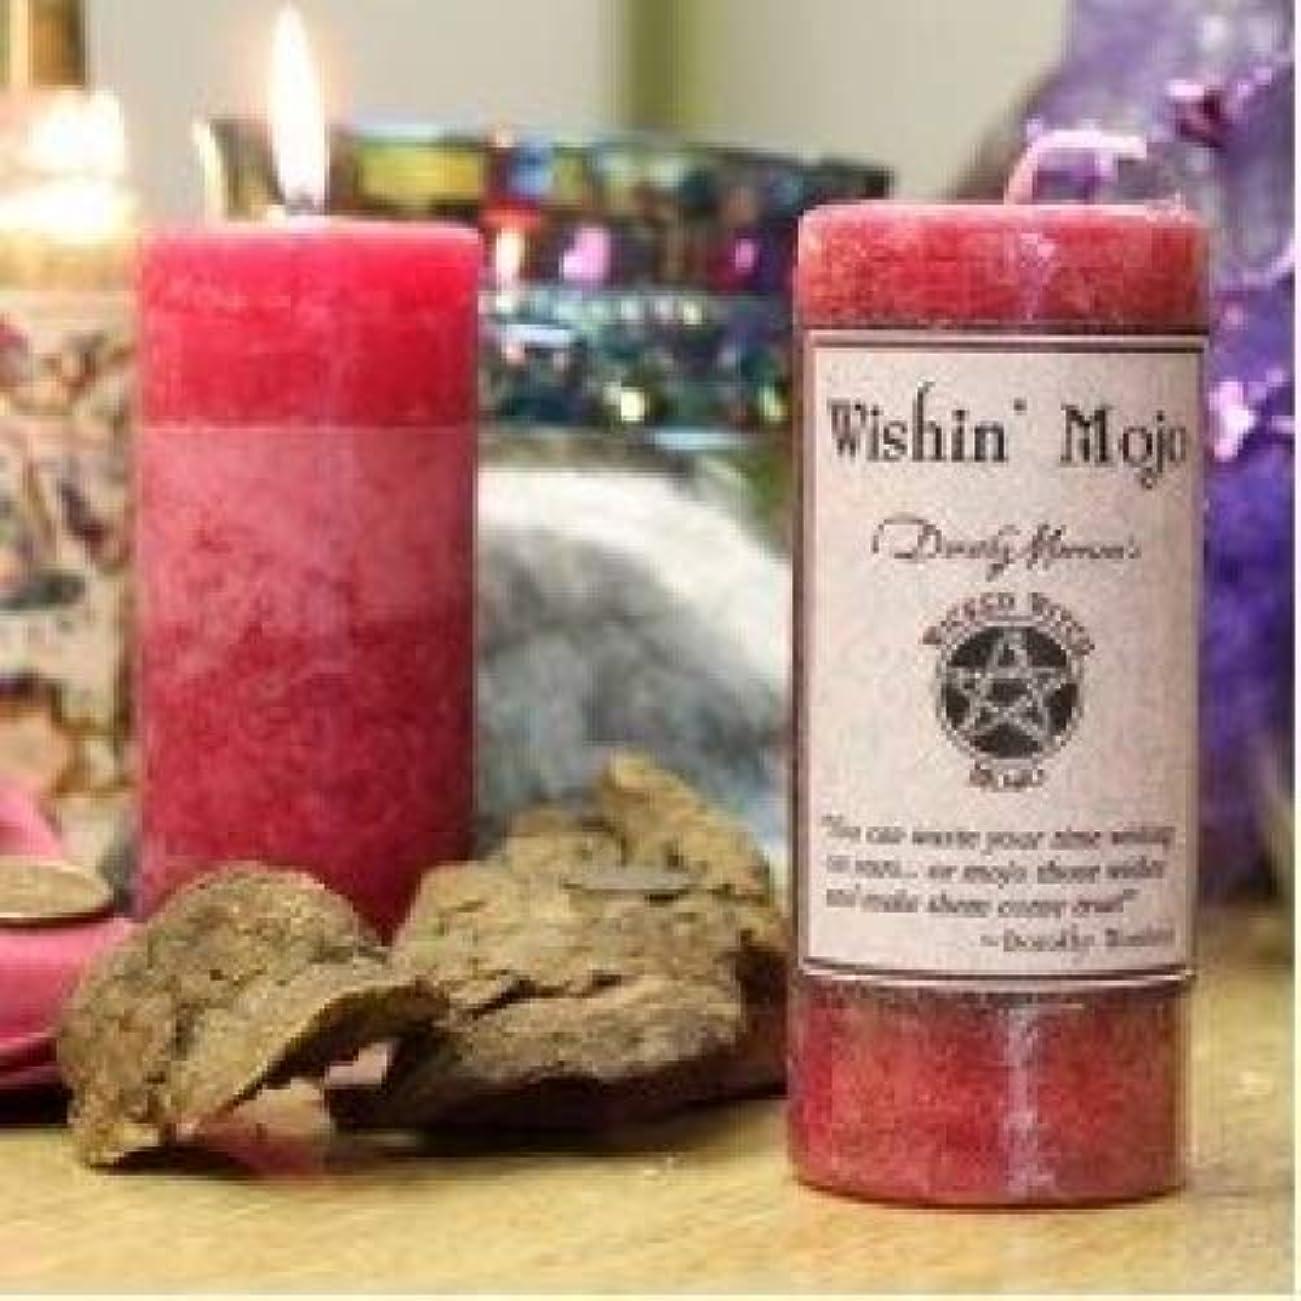 証明トランペットかすかなWicked Witch Mojo Wishin Mojo Candle by Dorothy Morrison